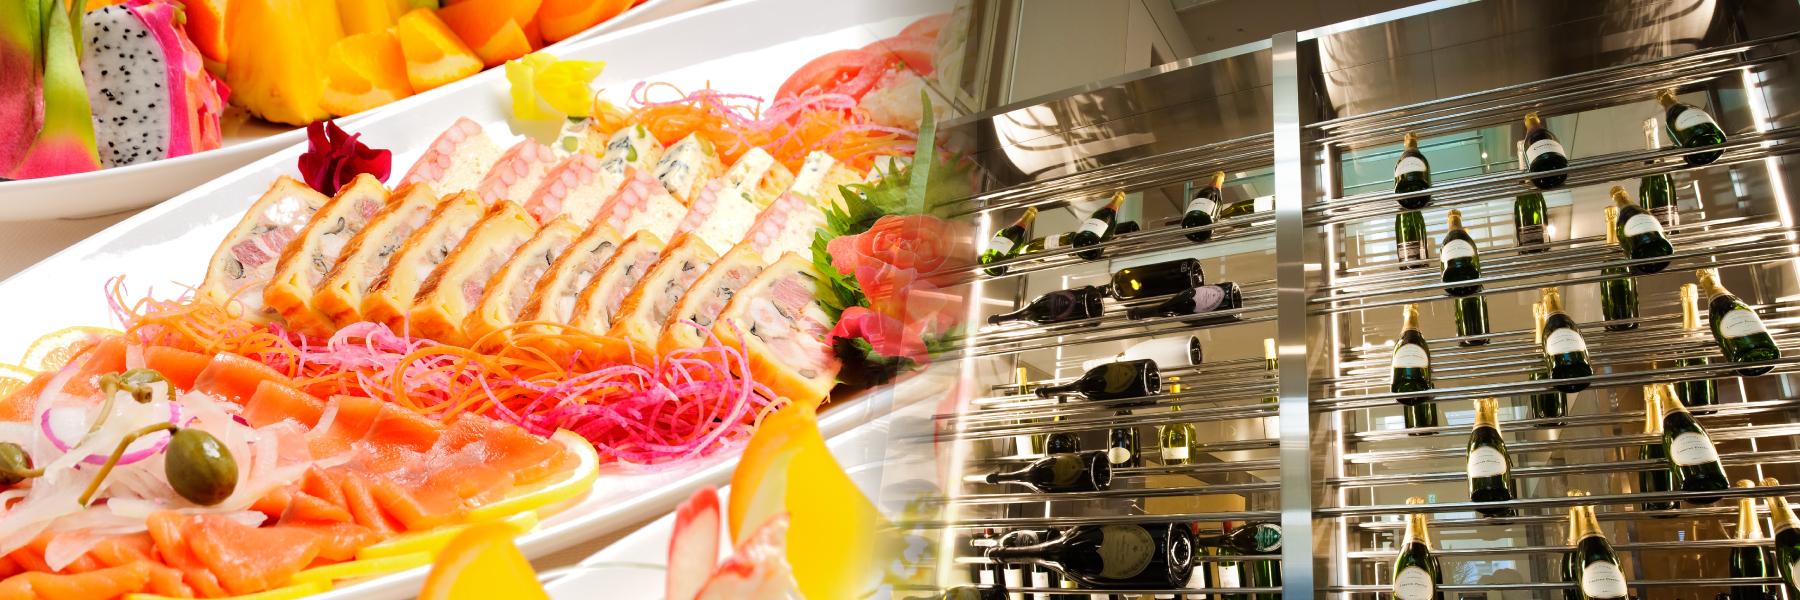 ディナー|日本料理 四季|【公式】レンブラントホテル海老名